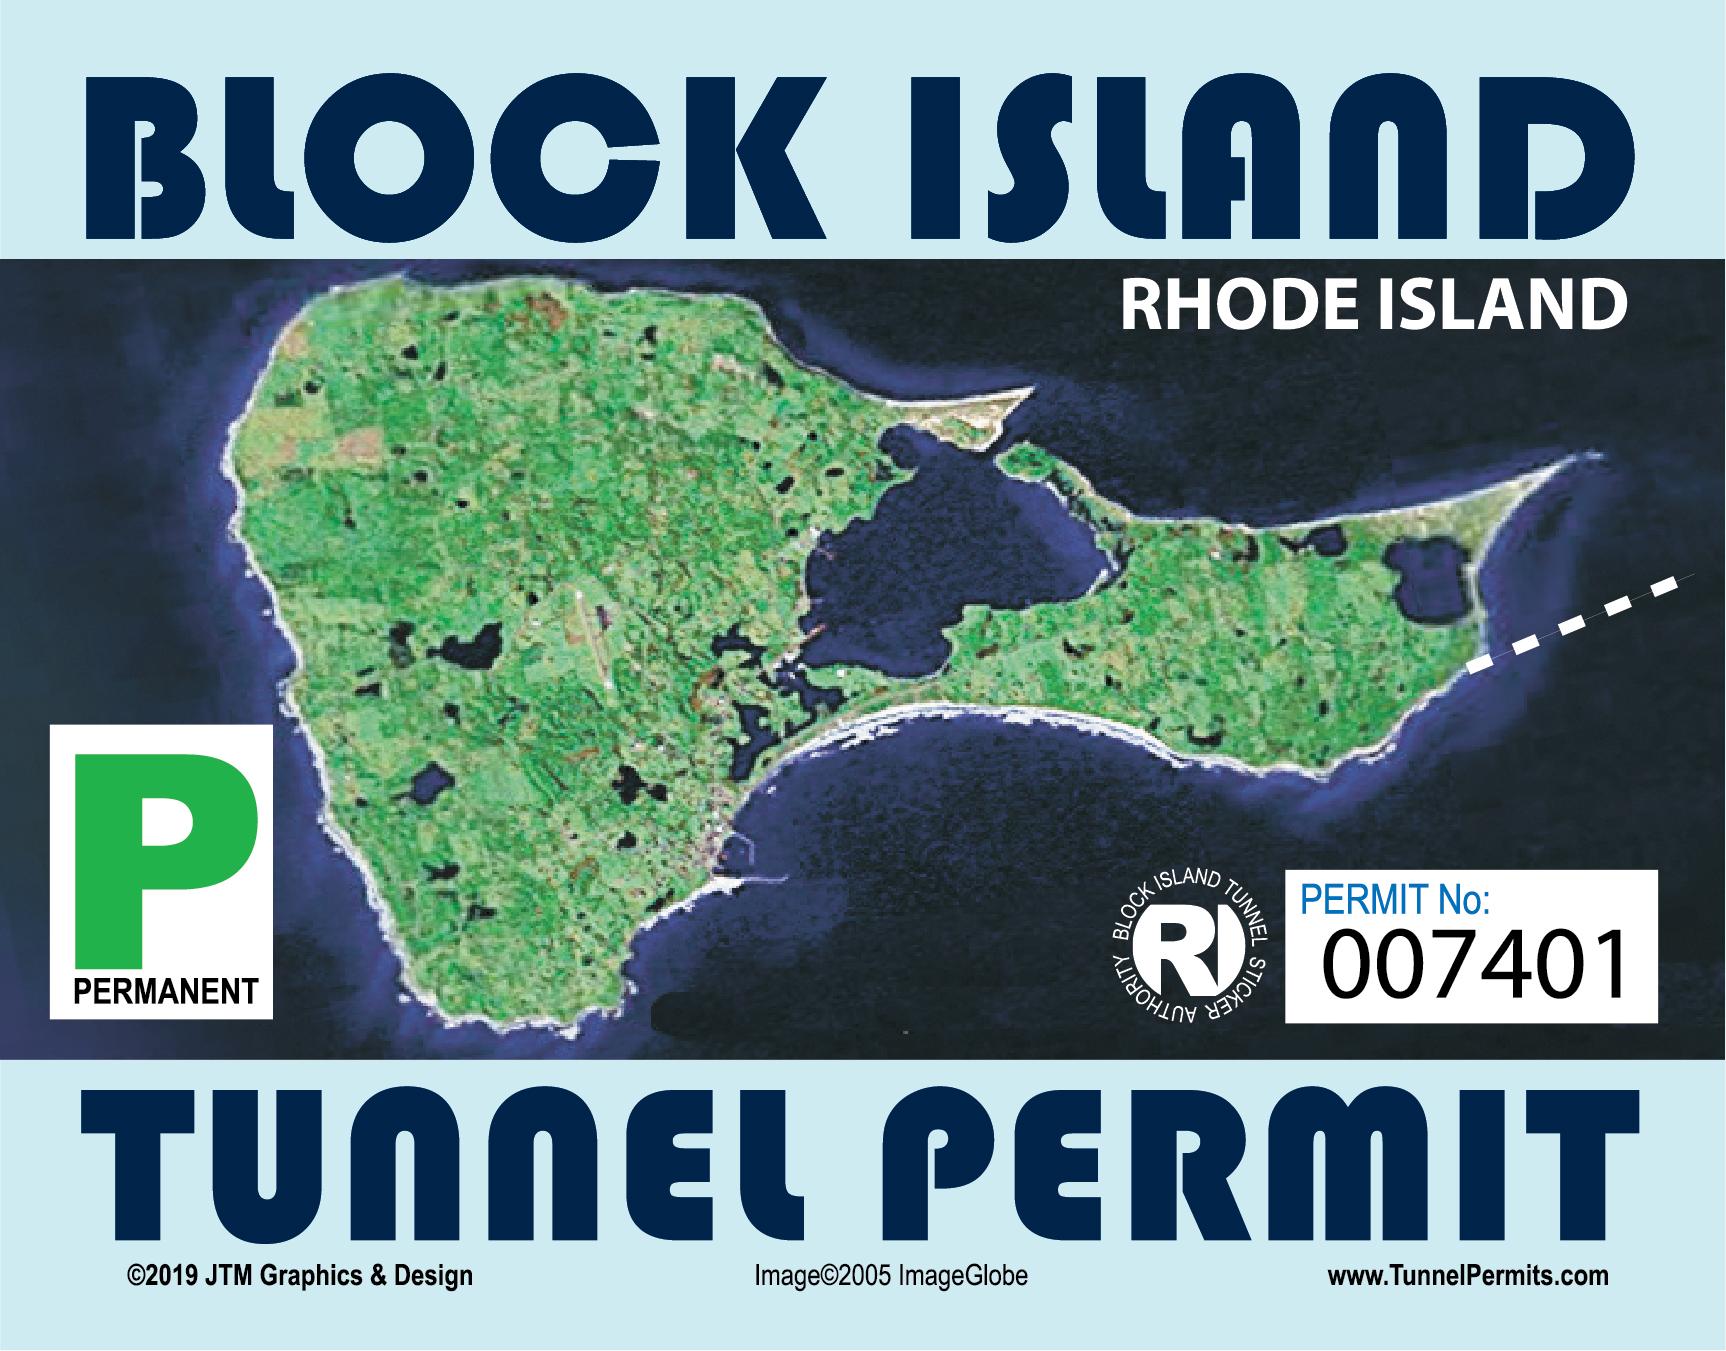 Tunnel Permits